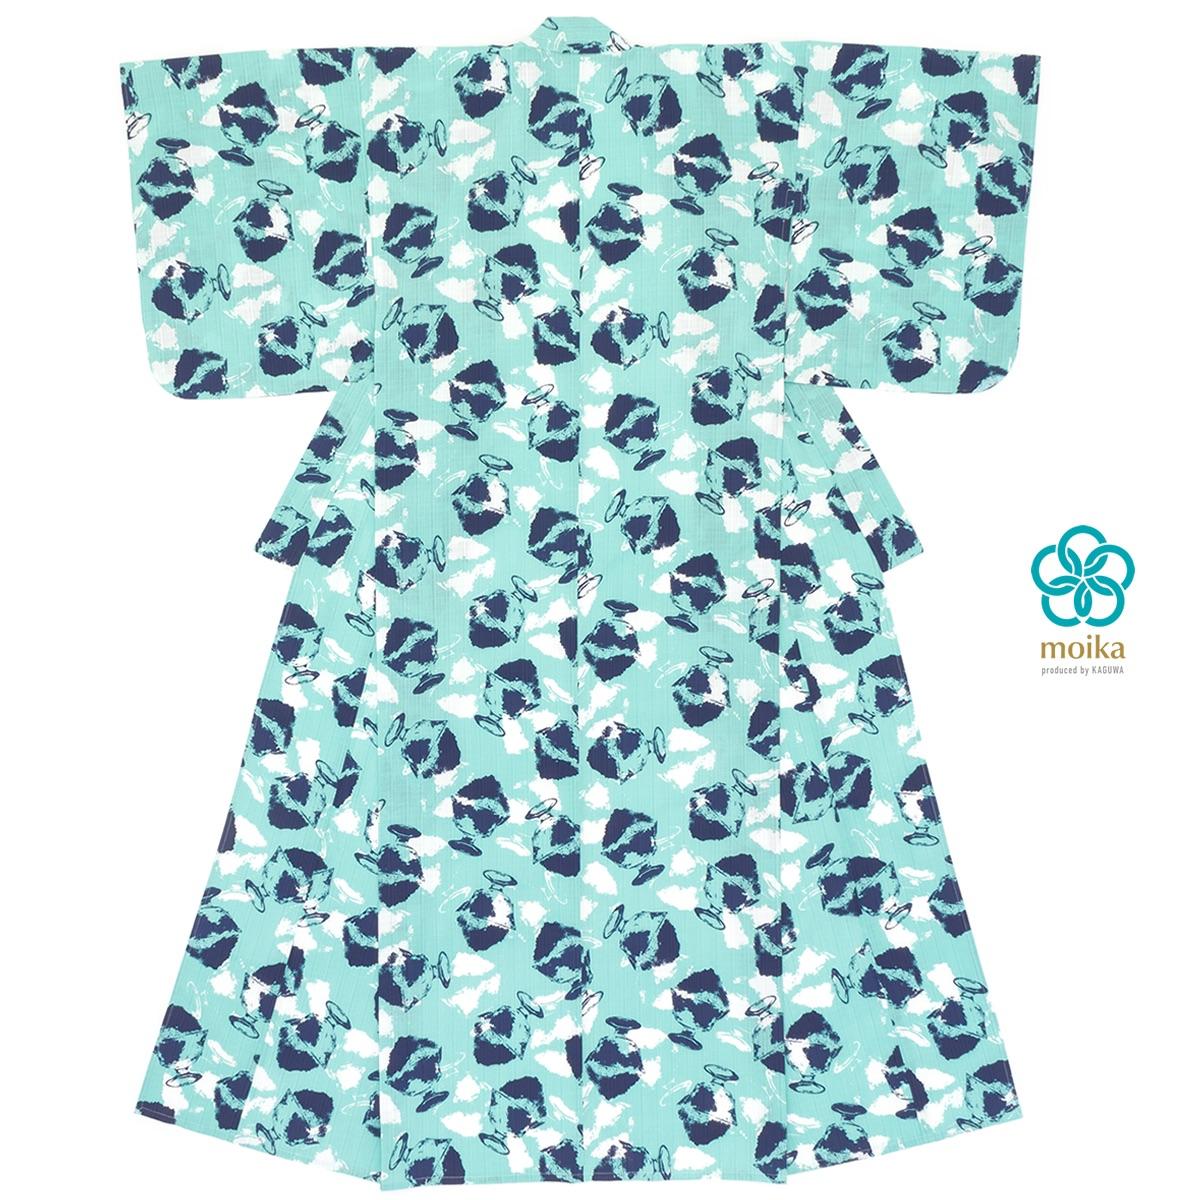 moika 浴衣 レディース 単品 Mサイズ レトロ 青磁色 セイジ かき氷 衿芯付き 女性用 仕立て上がり